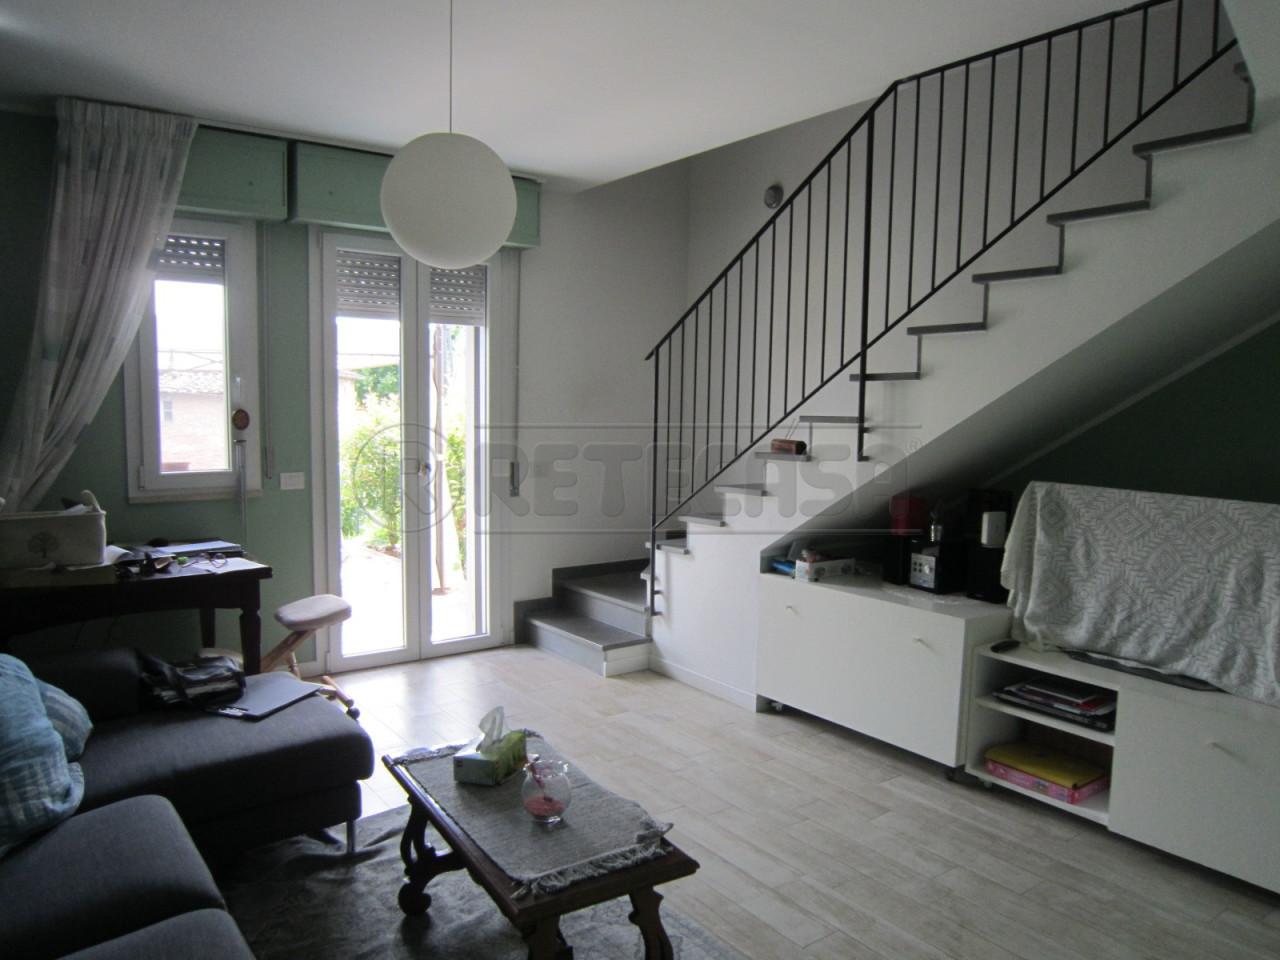 Villa Unifamiliare - Indipendente, 125 Mq, Vendita - Siena